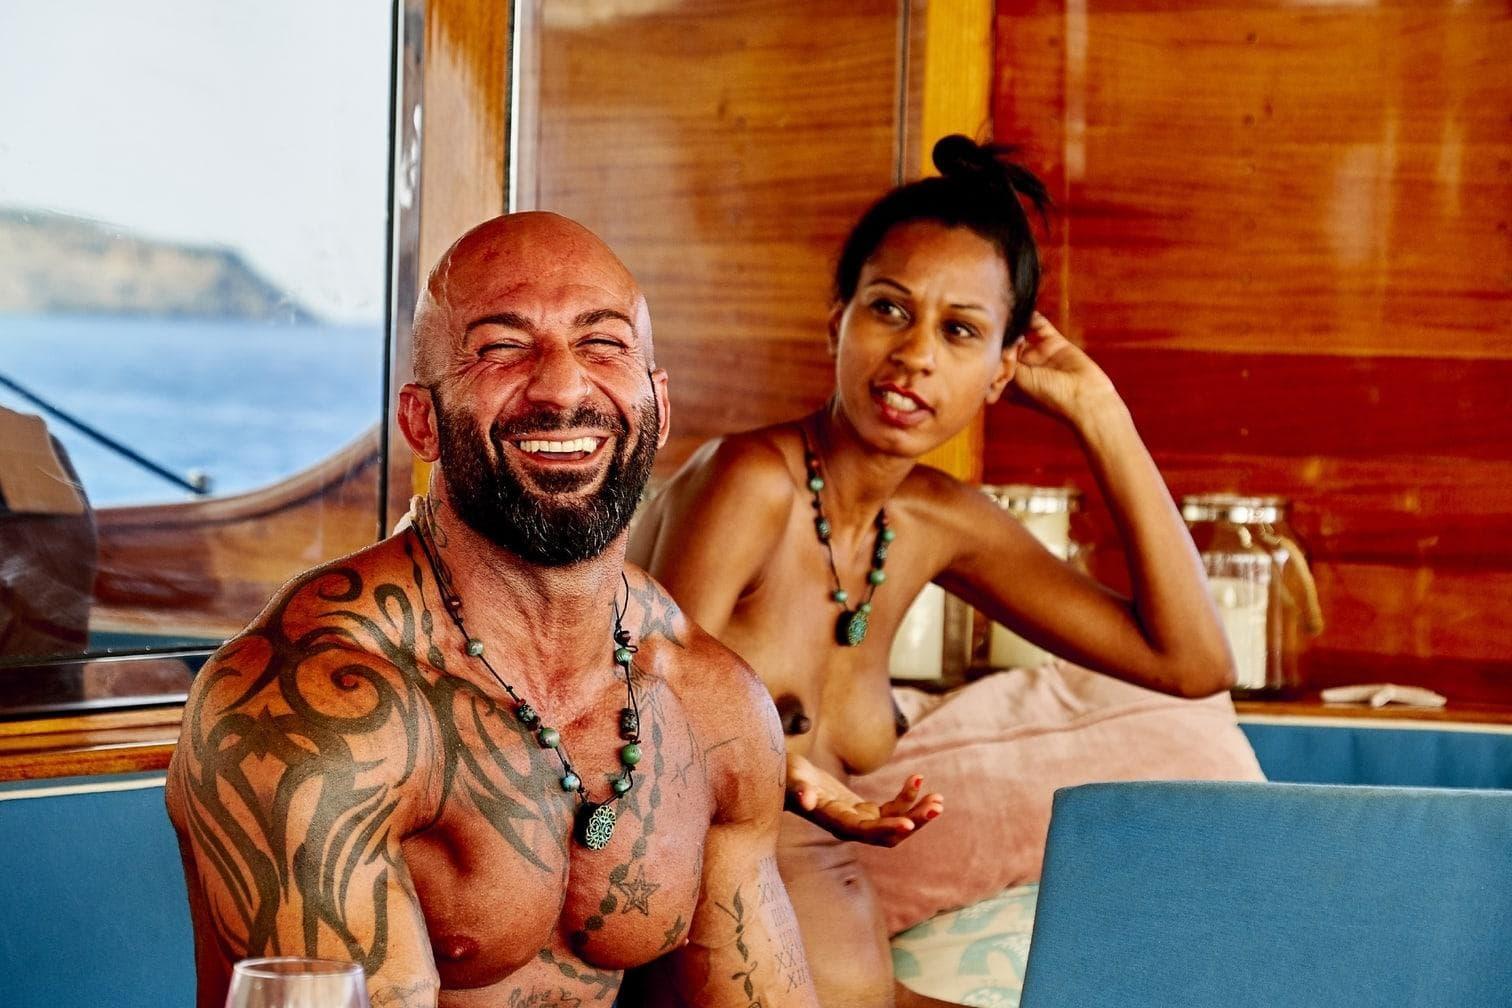 beiJan Sokolowsky wirken schon seine Tattoos wie eine zweite Haut.</p> Foto: MG RTL D